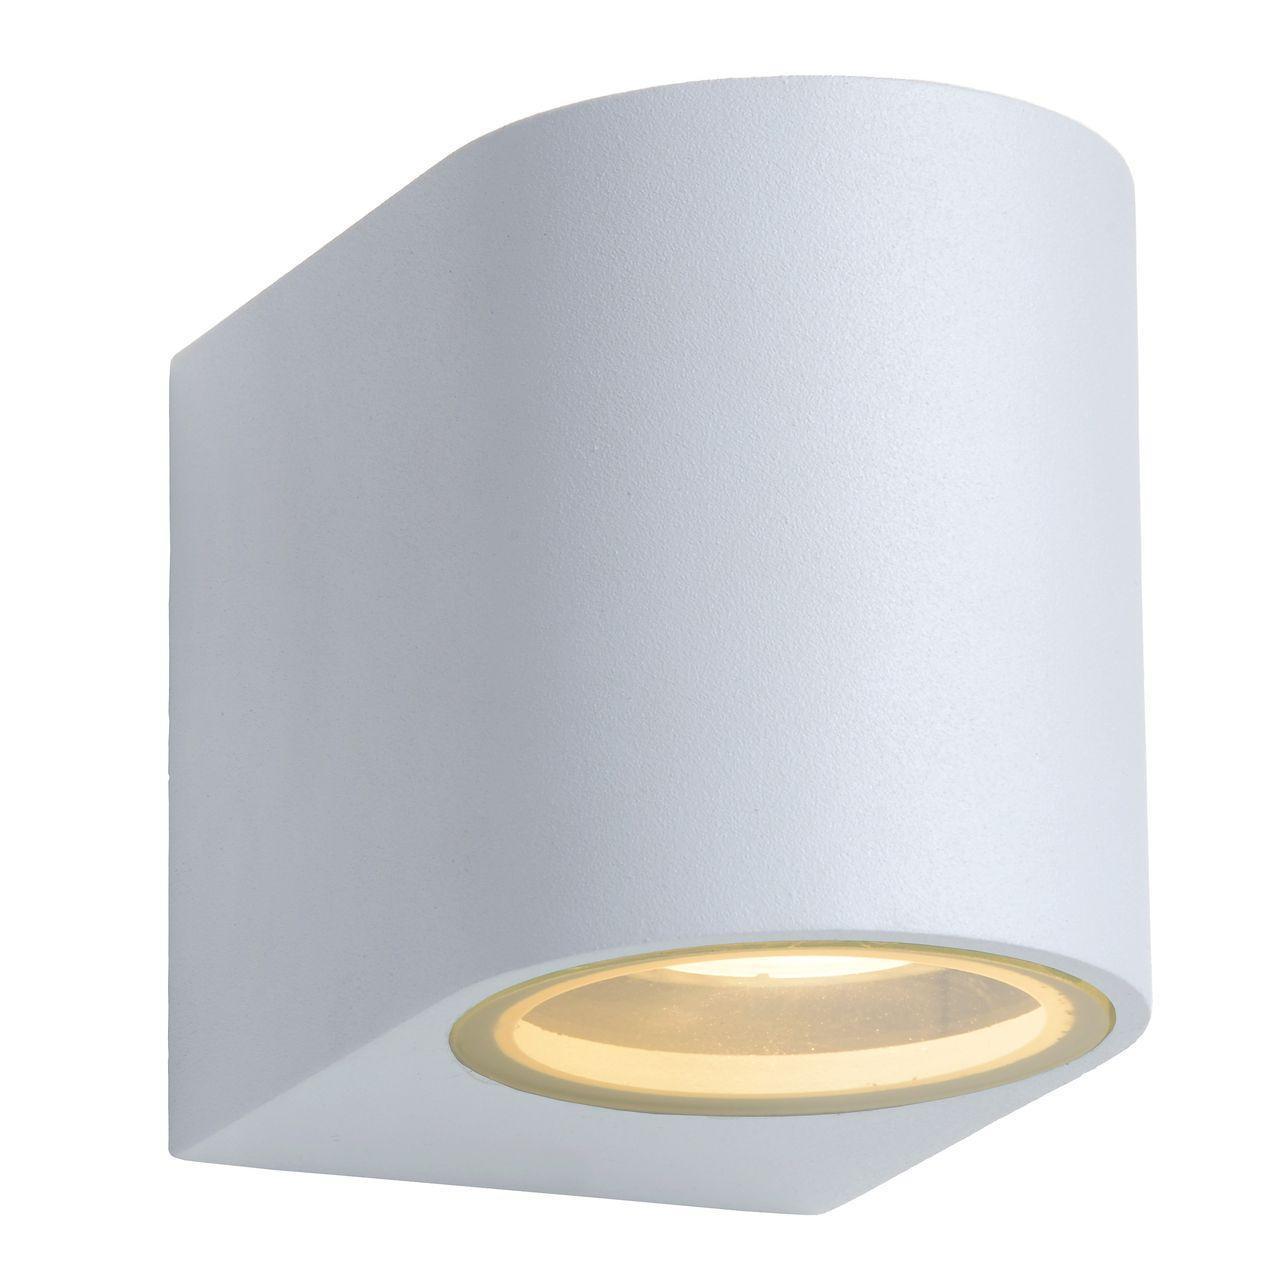 Уличный светильник Lucide 22861/05/31, белый уличный настенный светильник lucide dingo 14881 05 31